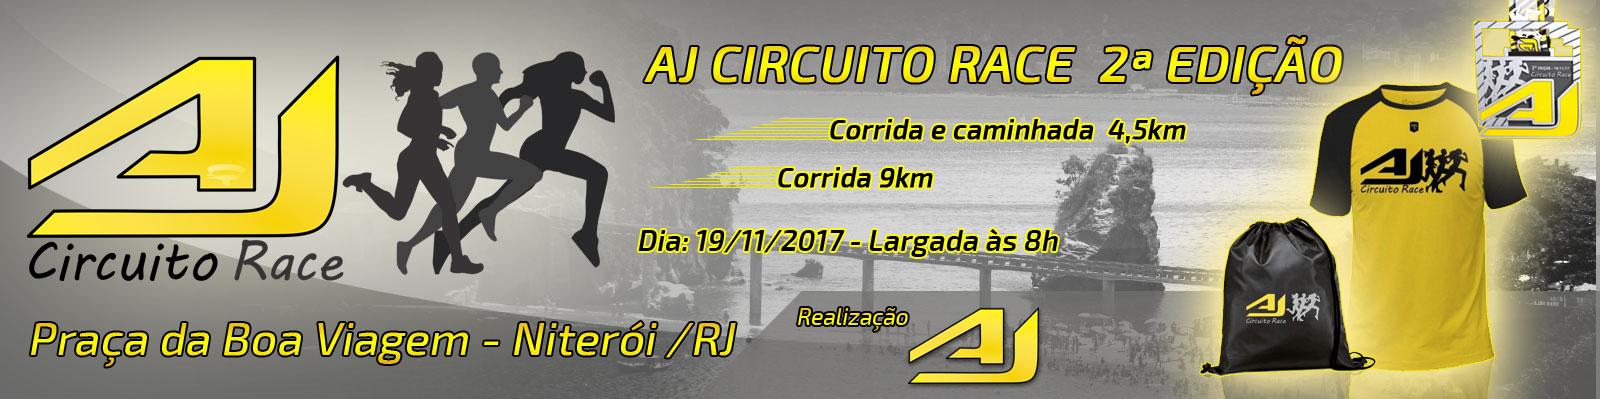 AJ CIRCUITO RACE 2ª EDIÇÃO - NITERÓI/RJ - Imagem de topo